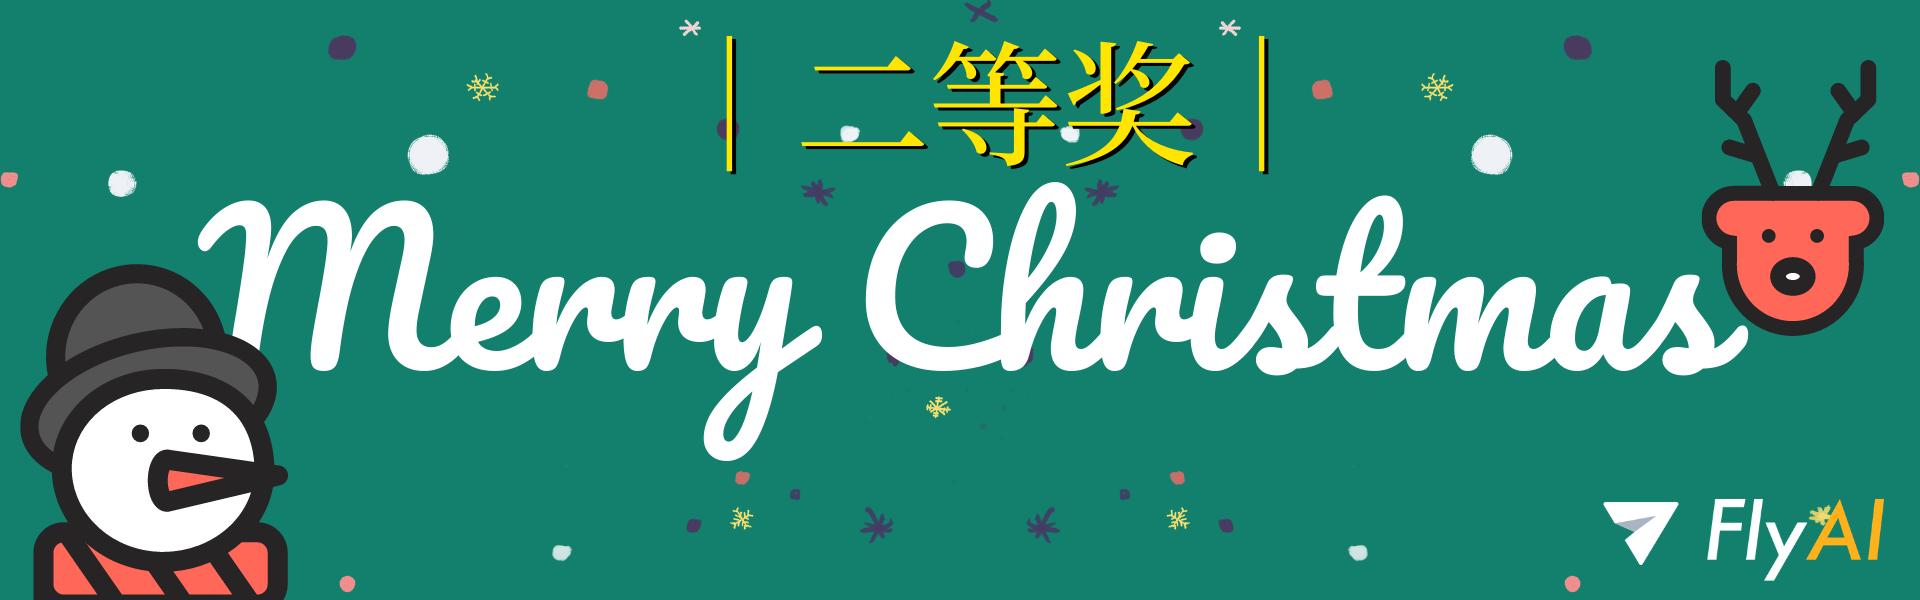 红黑色城市圣诞夜景插画手绘平安夜节日促销中文电商banner (1).png